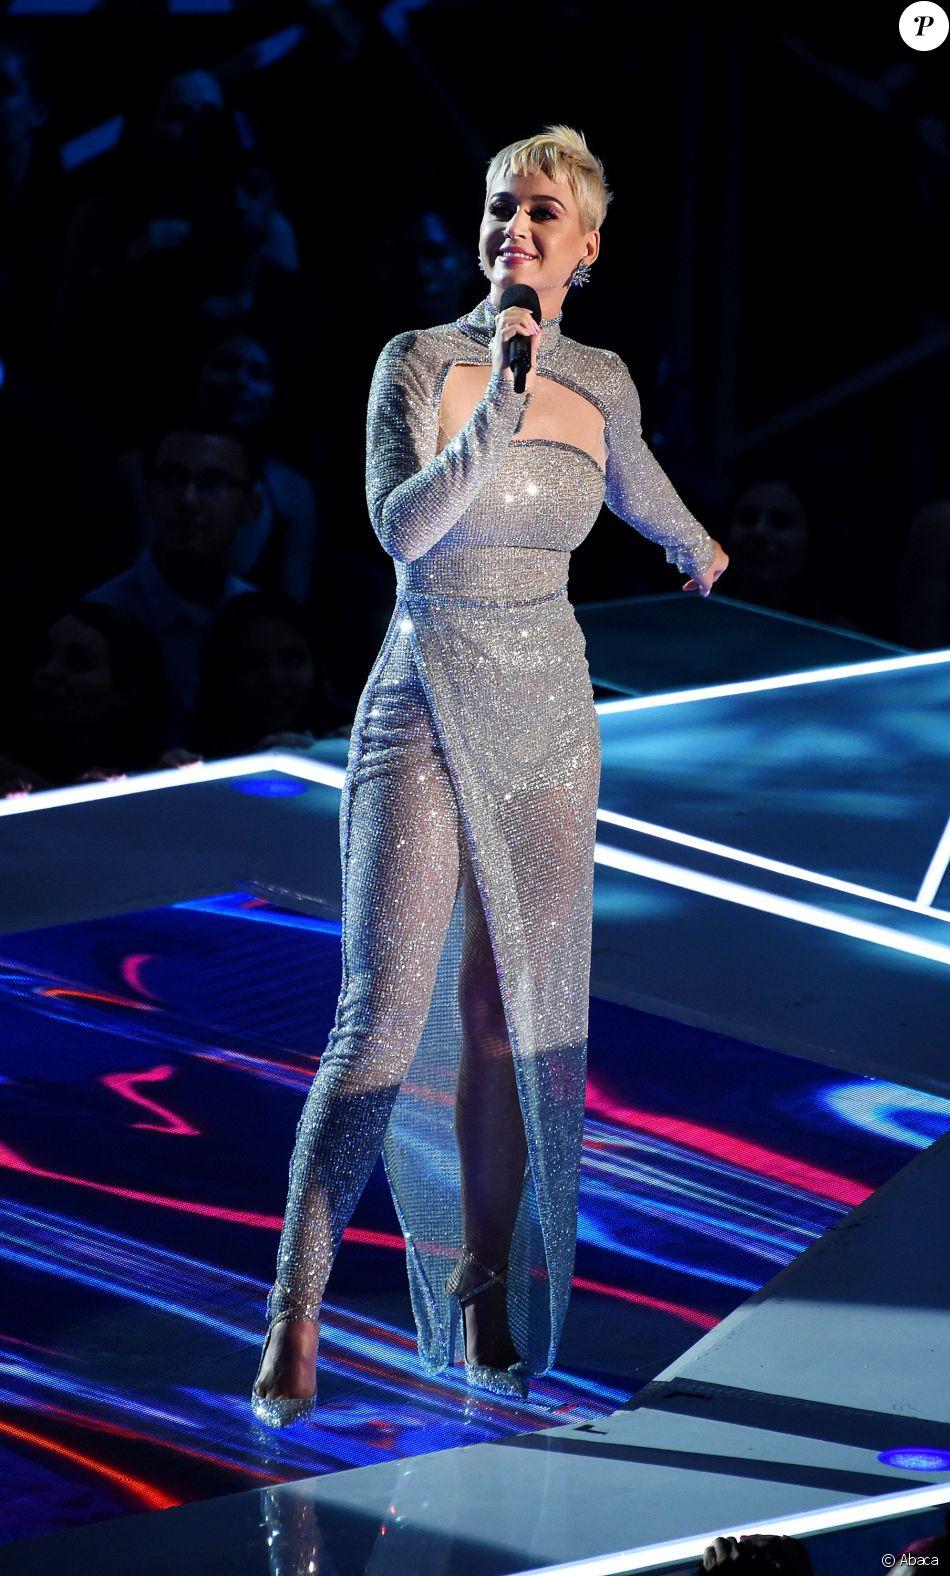 Katy Perry, présentatrice des MTV Video Music Awards 2017 au Forum, à Inglewood. Le 27 août 2017.